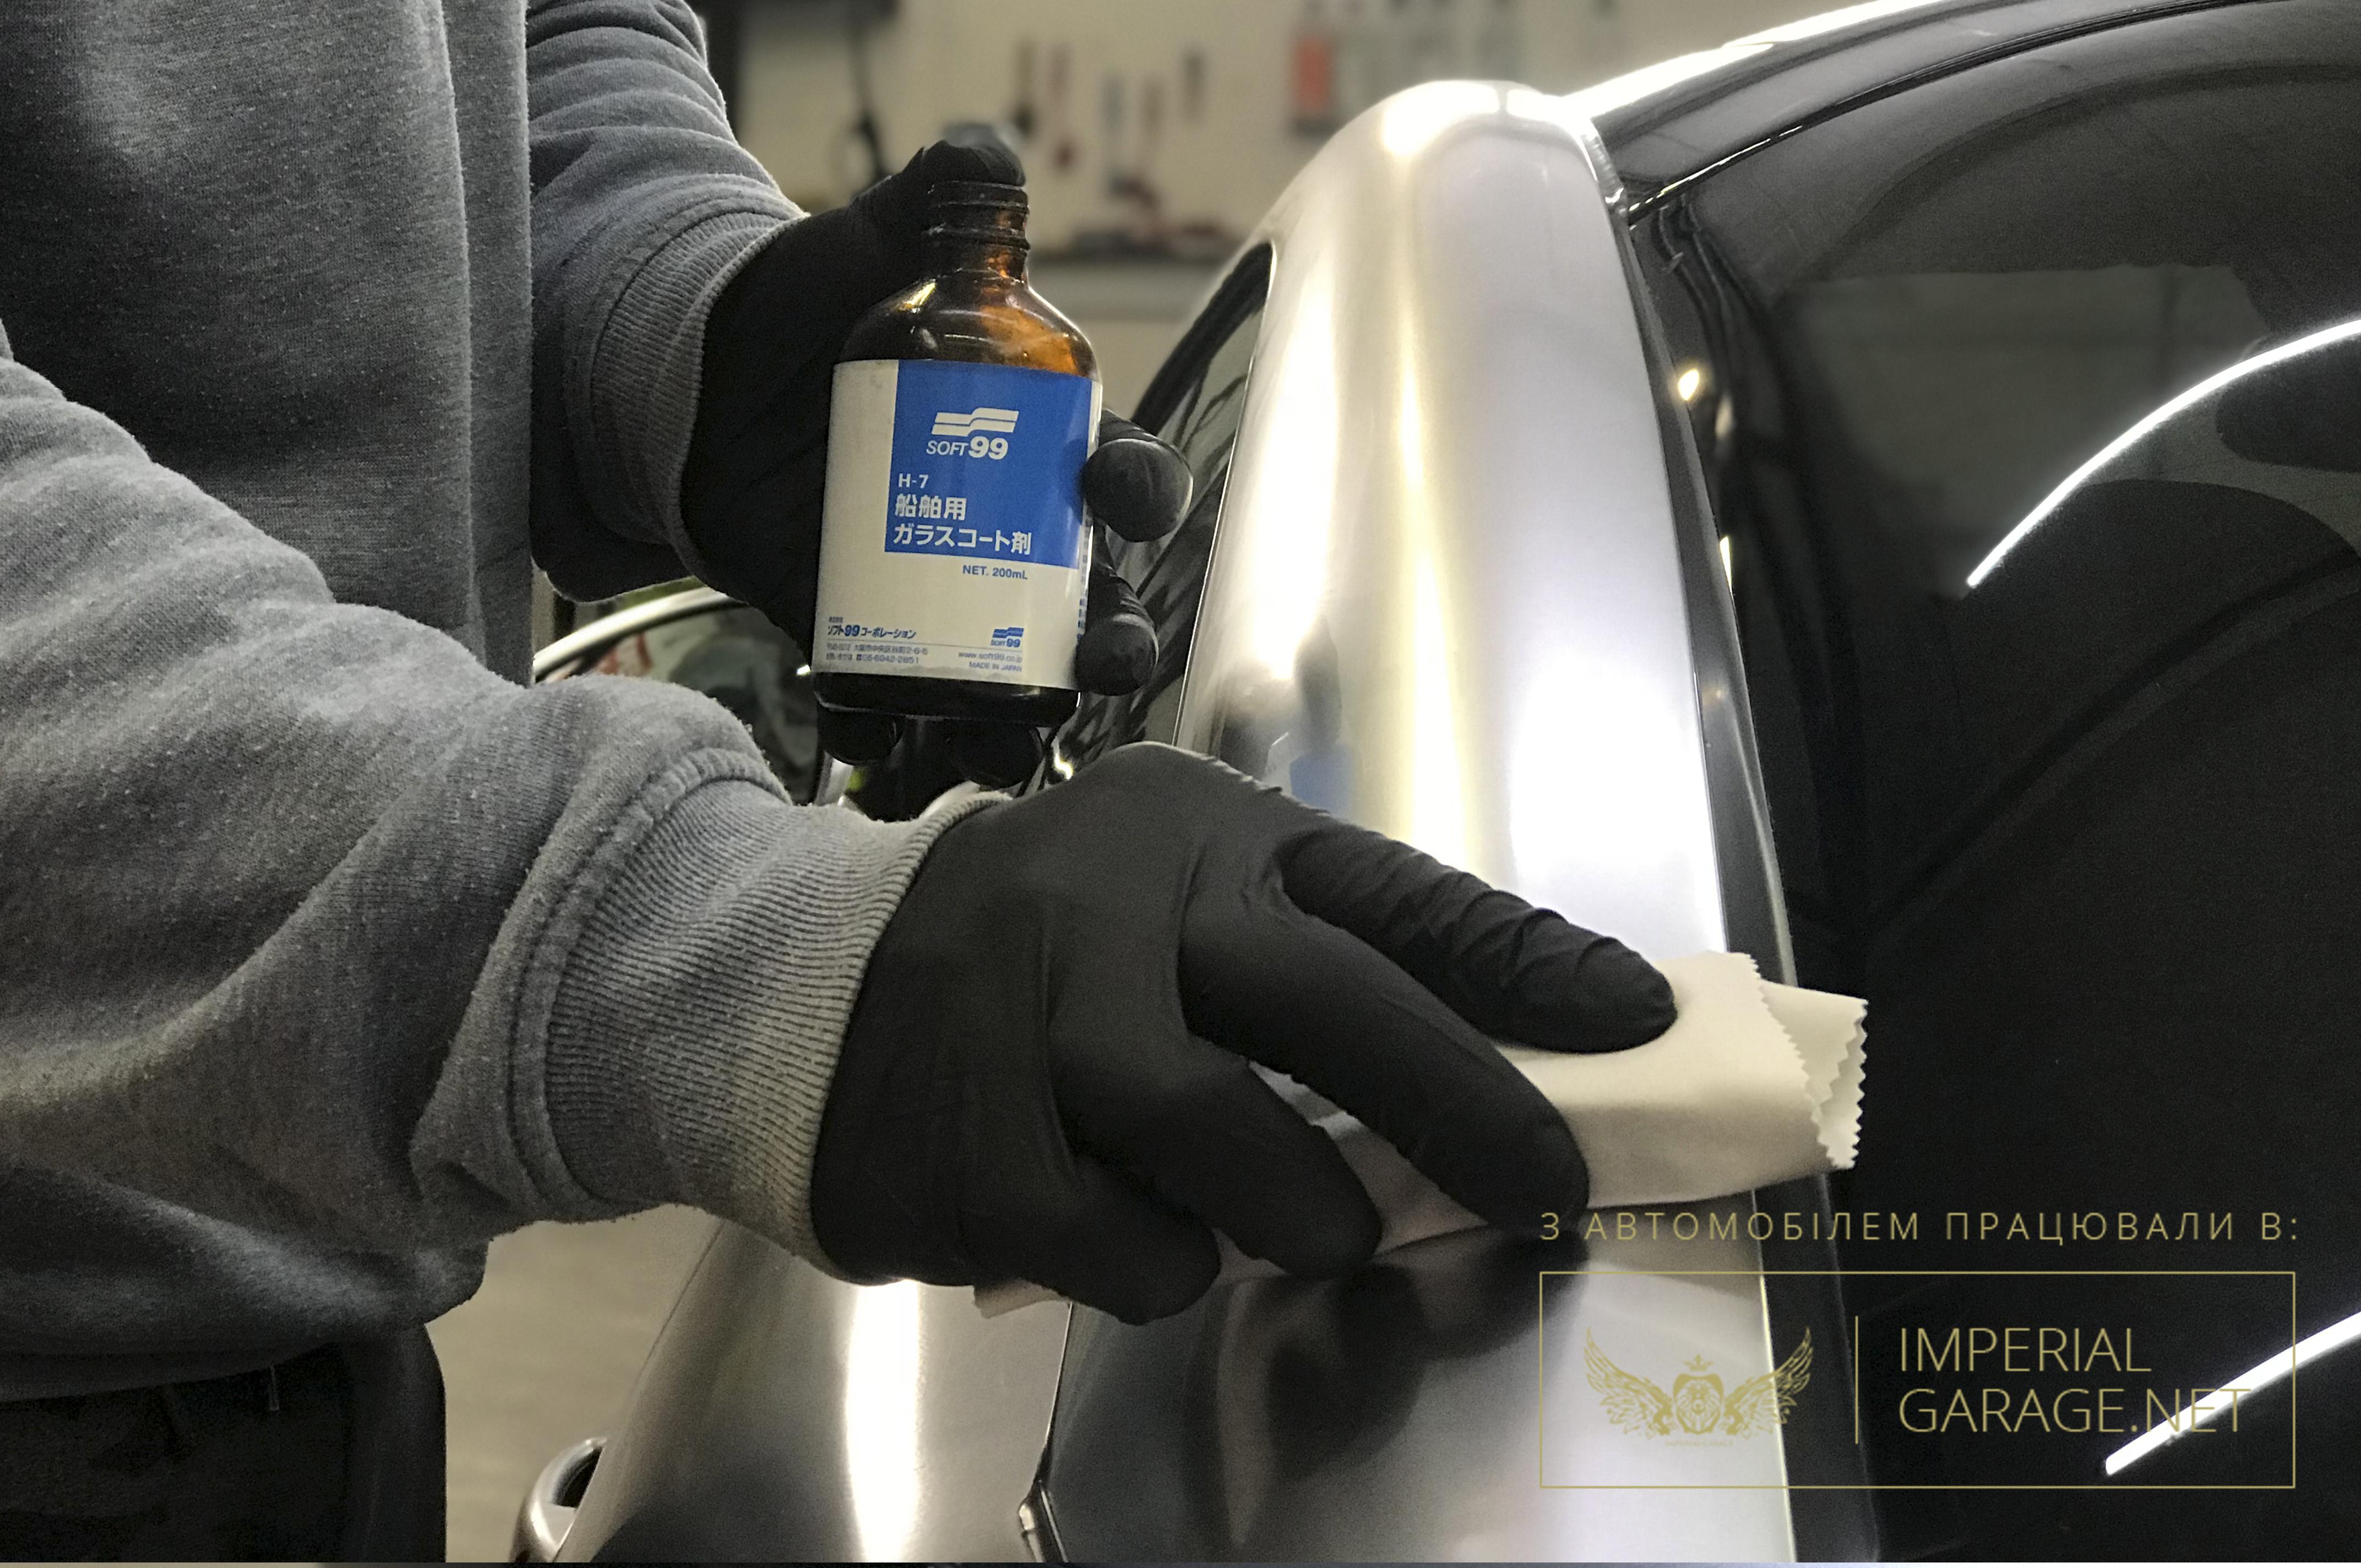 Захист авто нанокерамікою